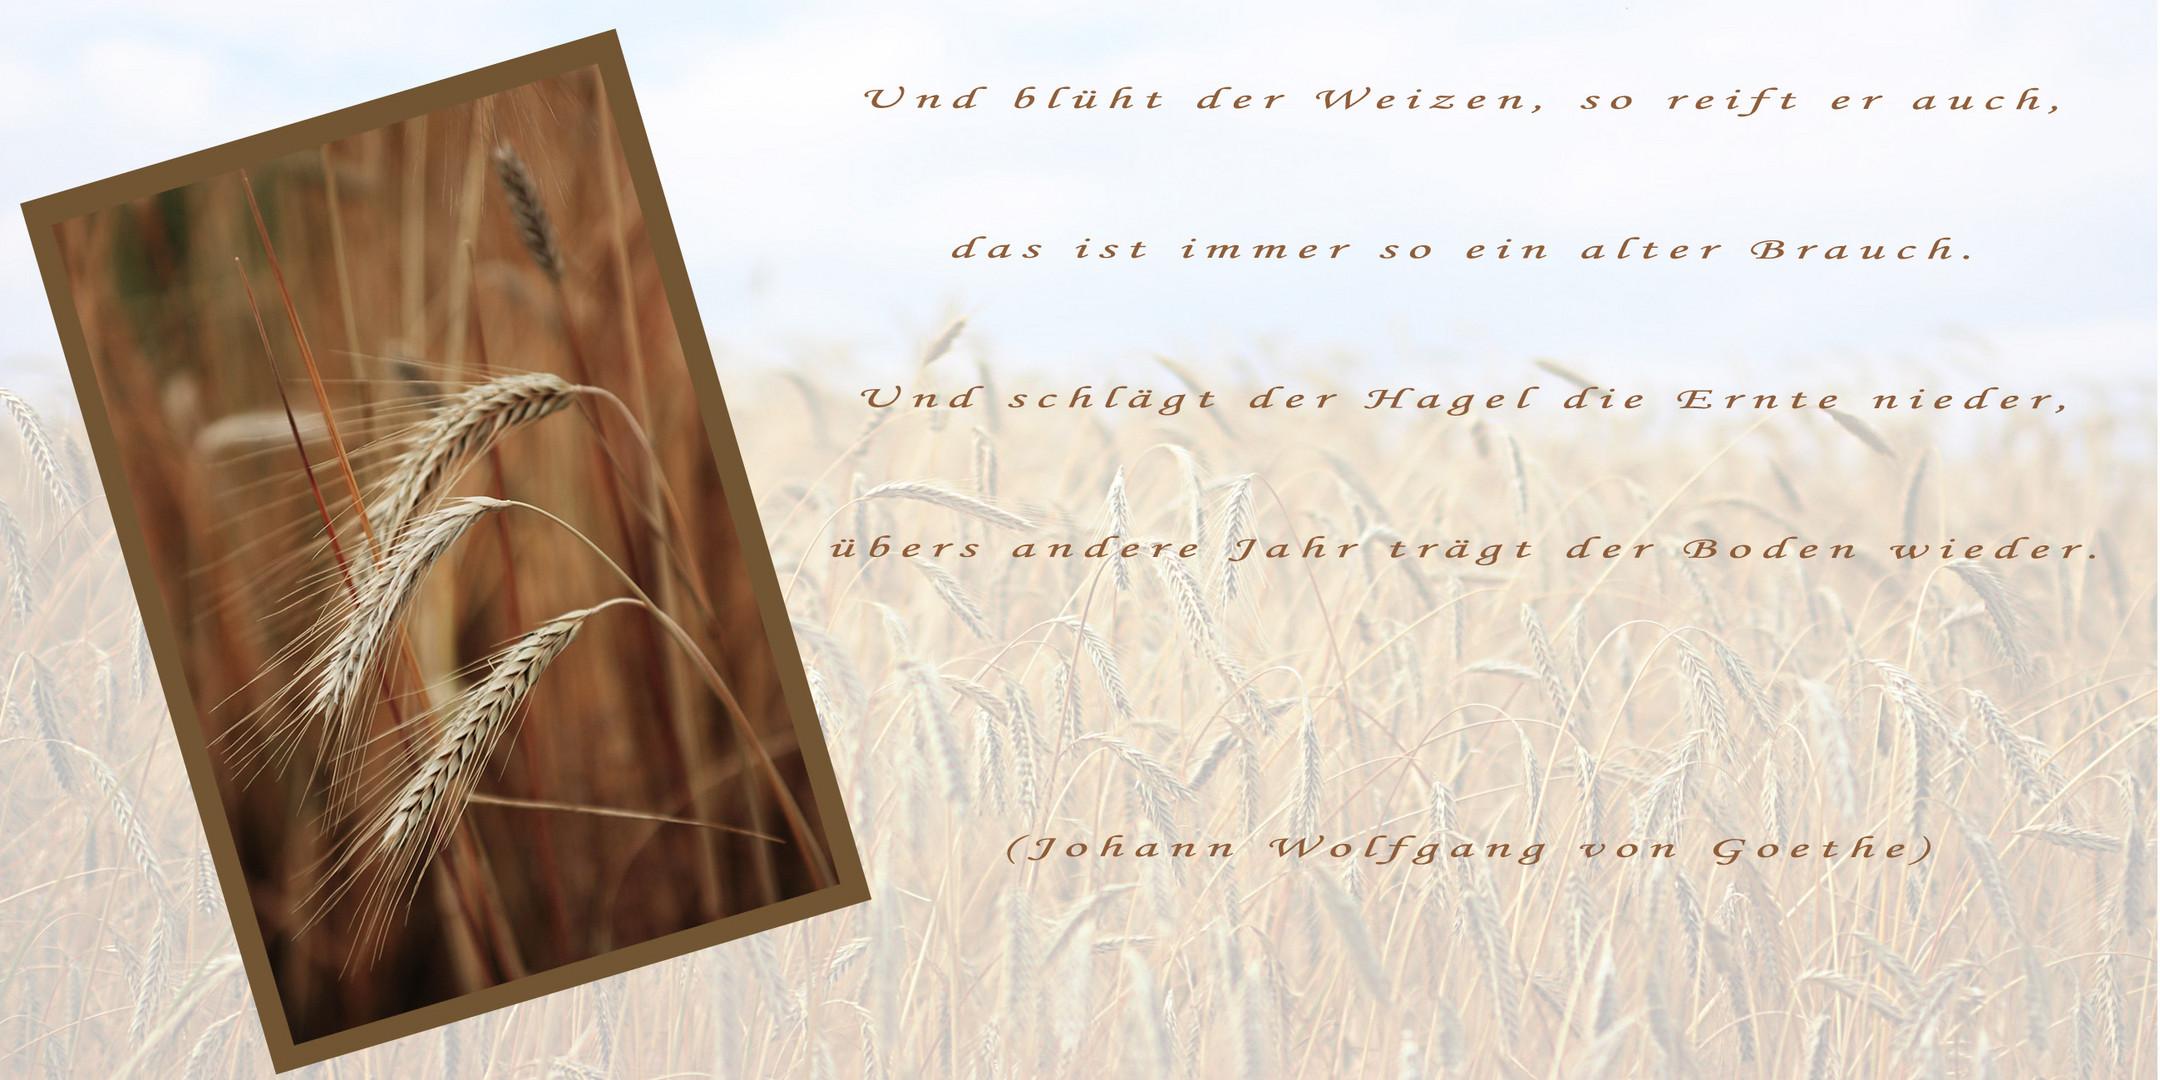 Der Weizen...